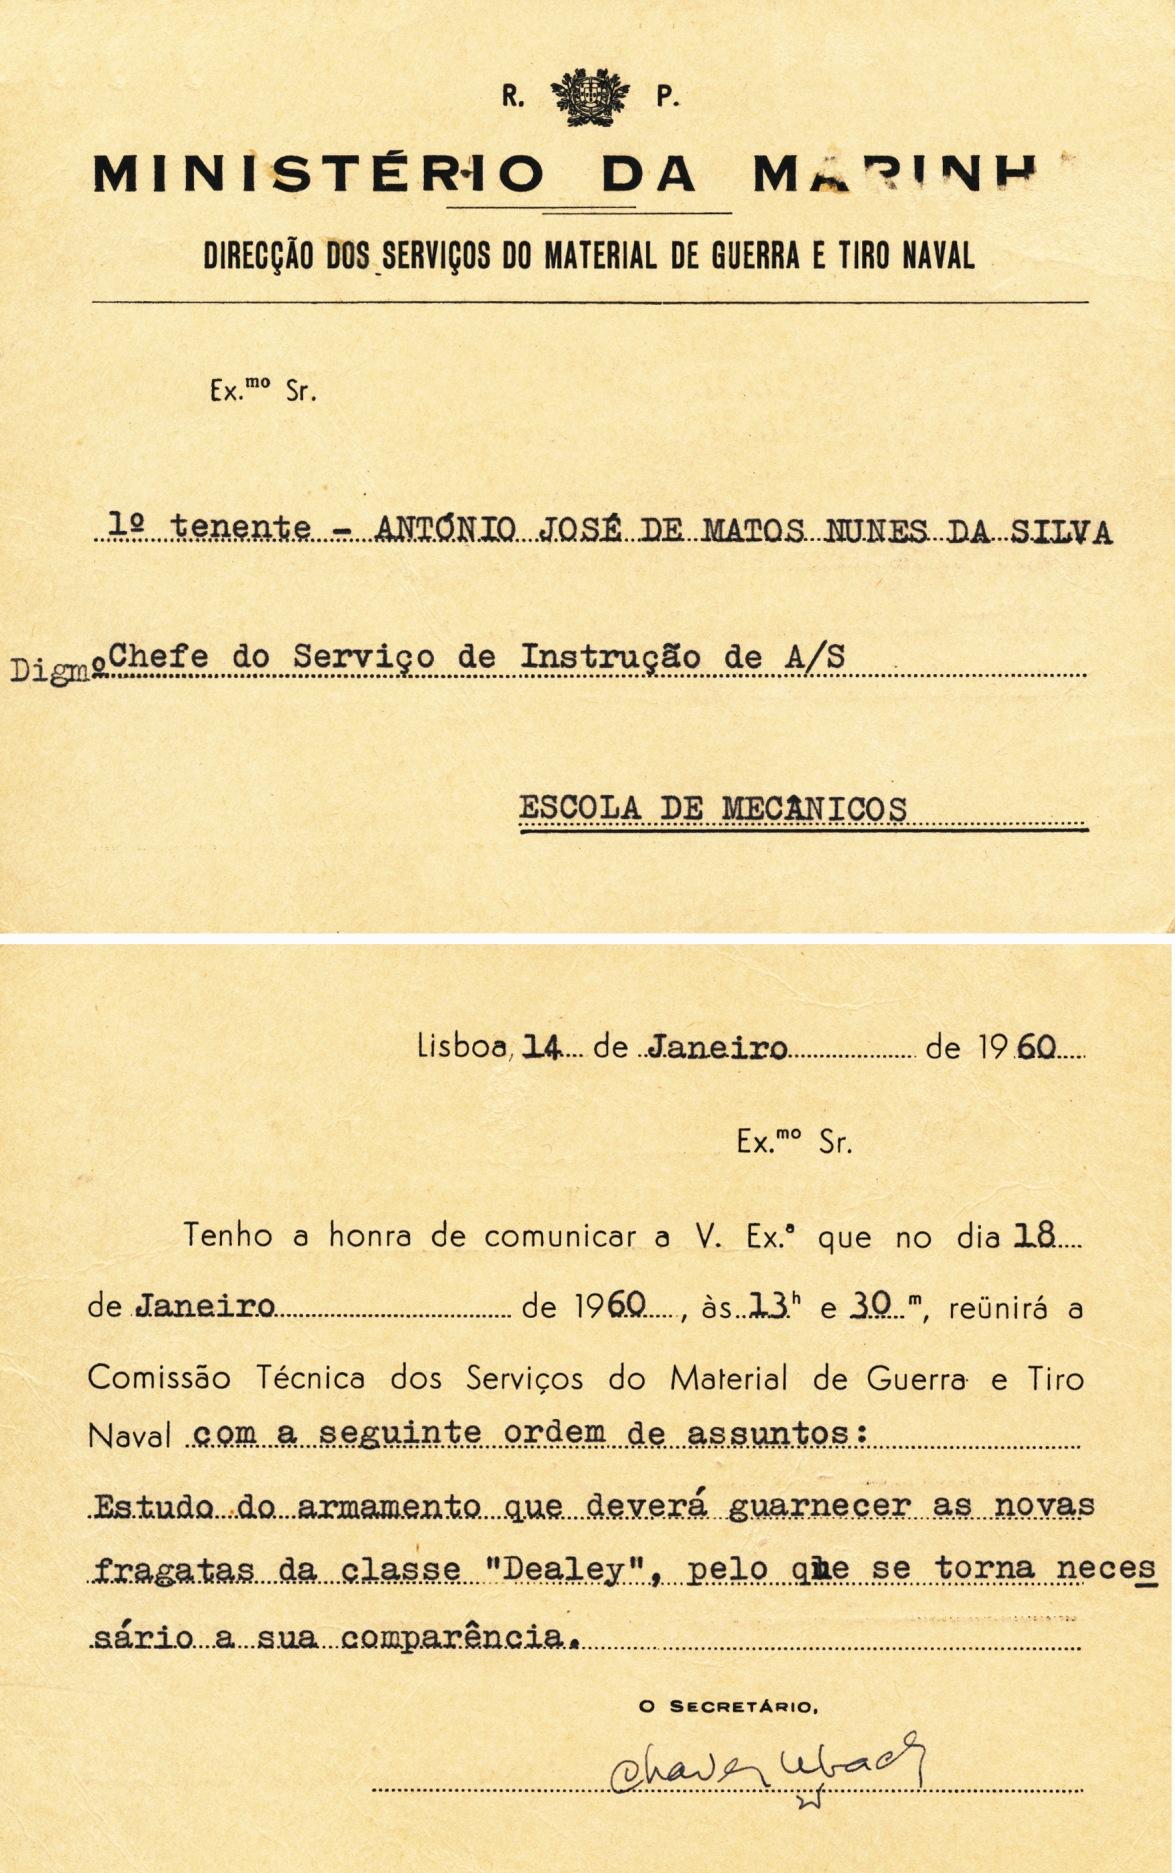 00393 960-01-14 convocado pela DSMGTN para participar na Comissão Técnica, em 18-1-1960 no estudo do armamento das FF classe Dealy